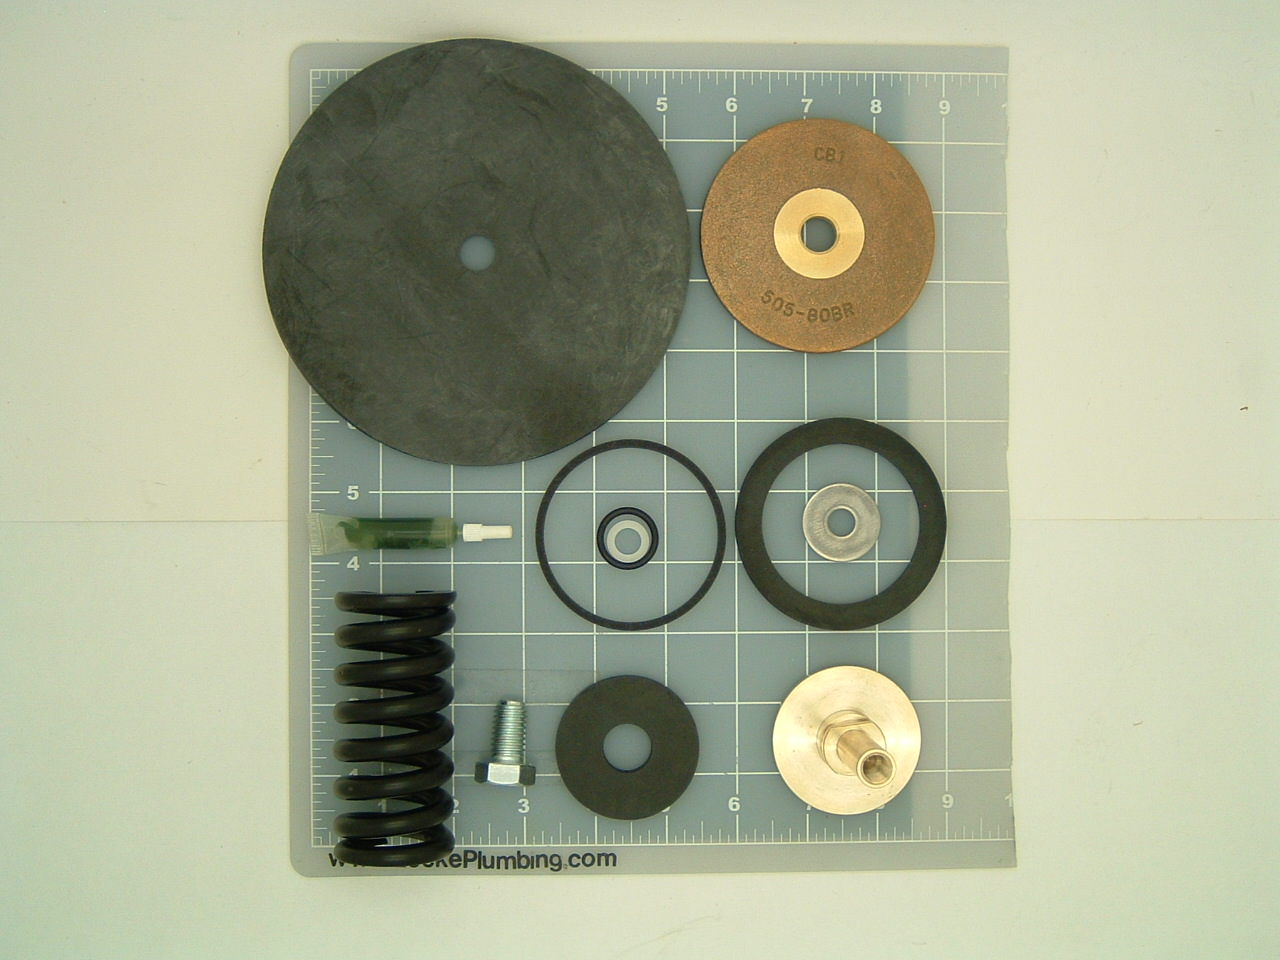 wilkins wil rk2 500xl repair kit for 2 inch pressure reducing valve model 500 no lead locke. Black Bedroom Furniture Sets. Home Design Ideas